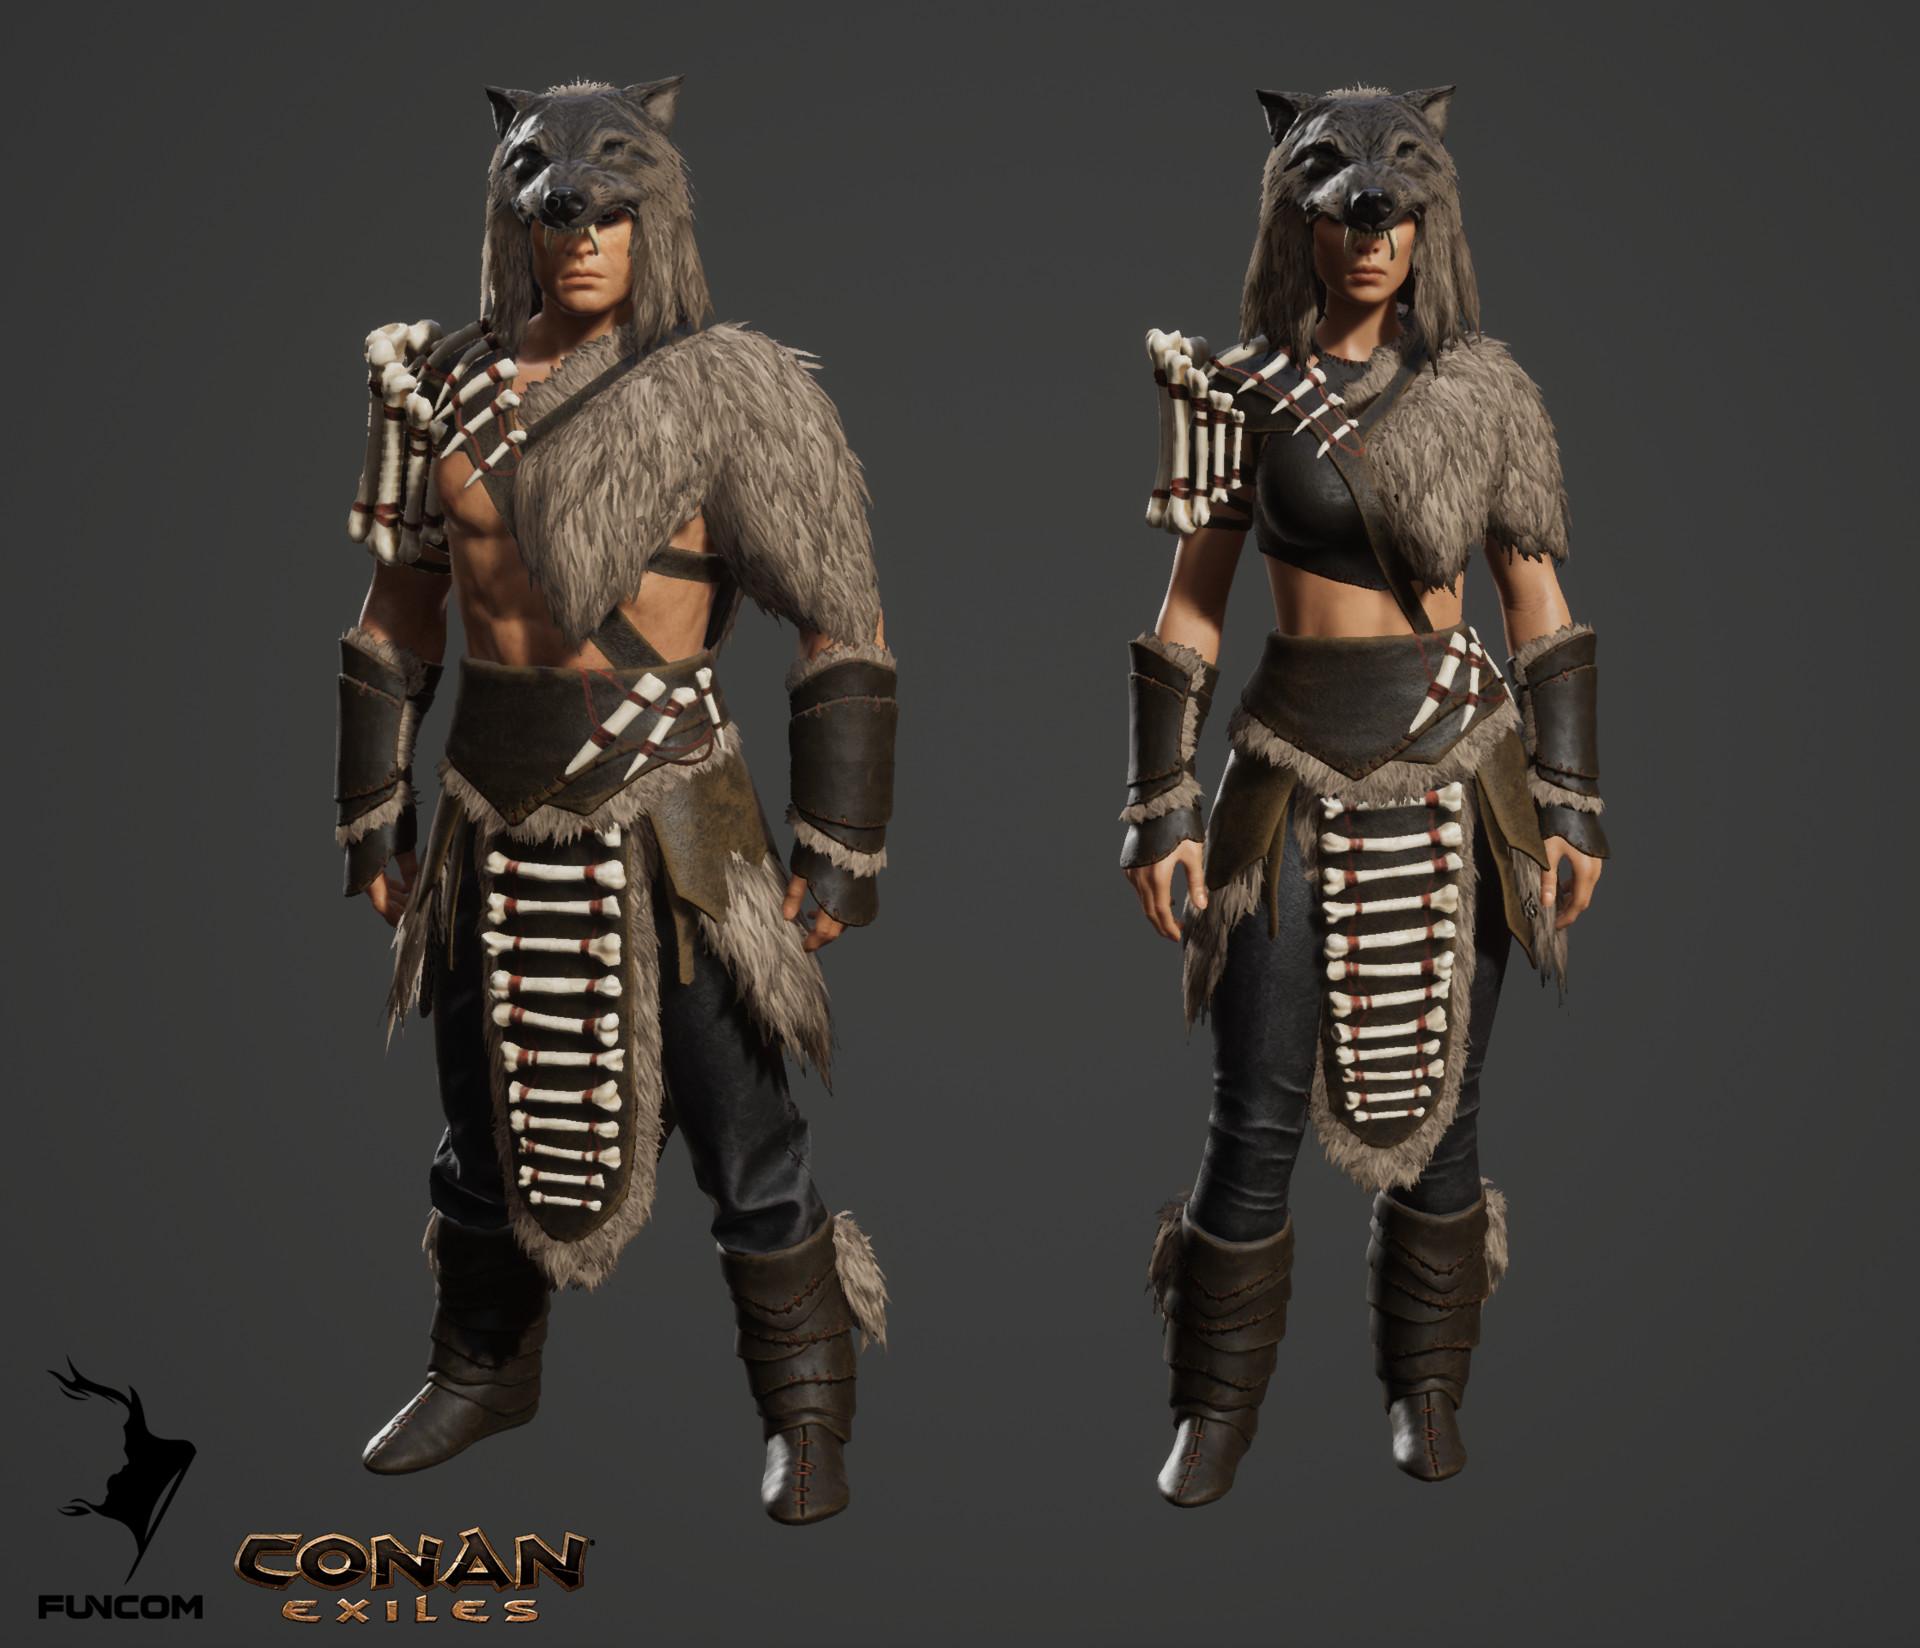 Conan exiles pict armor